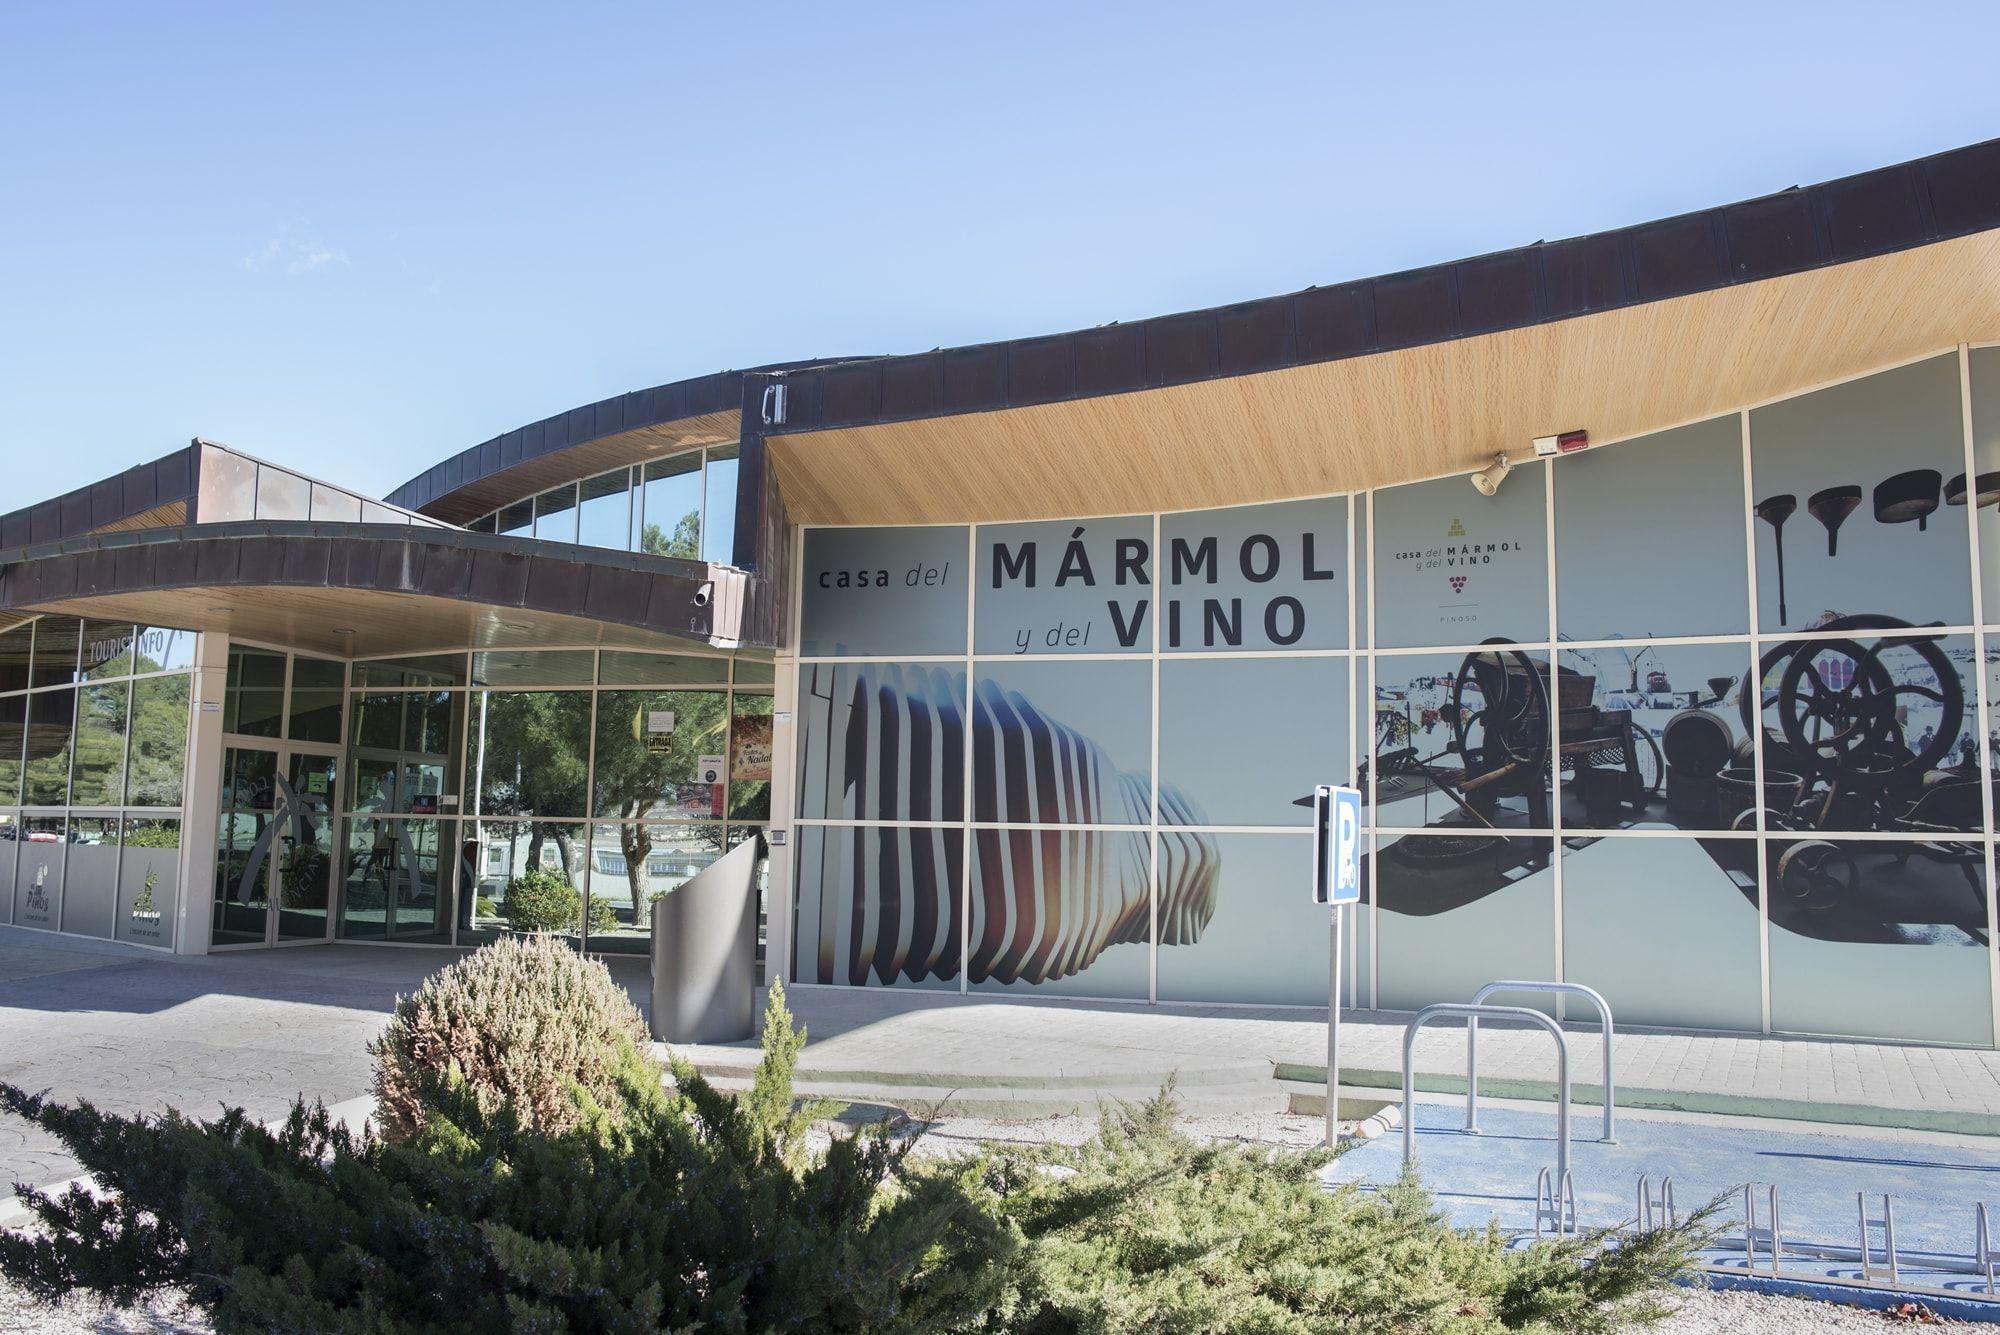 Fotografia Pinoso, Casa del Mármol y Vino